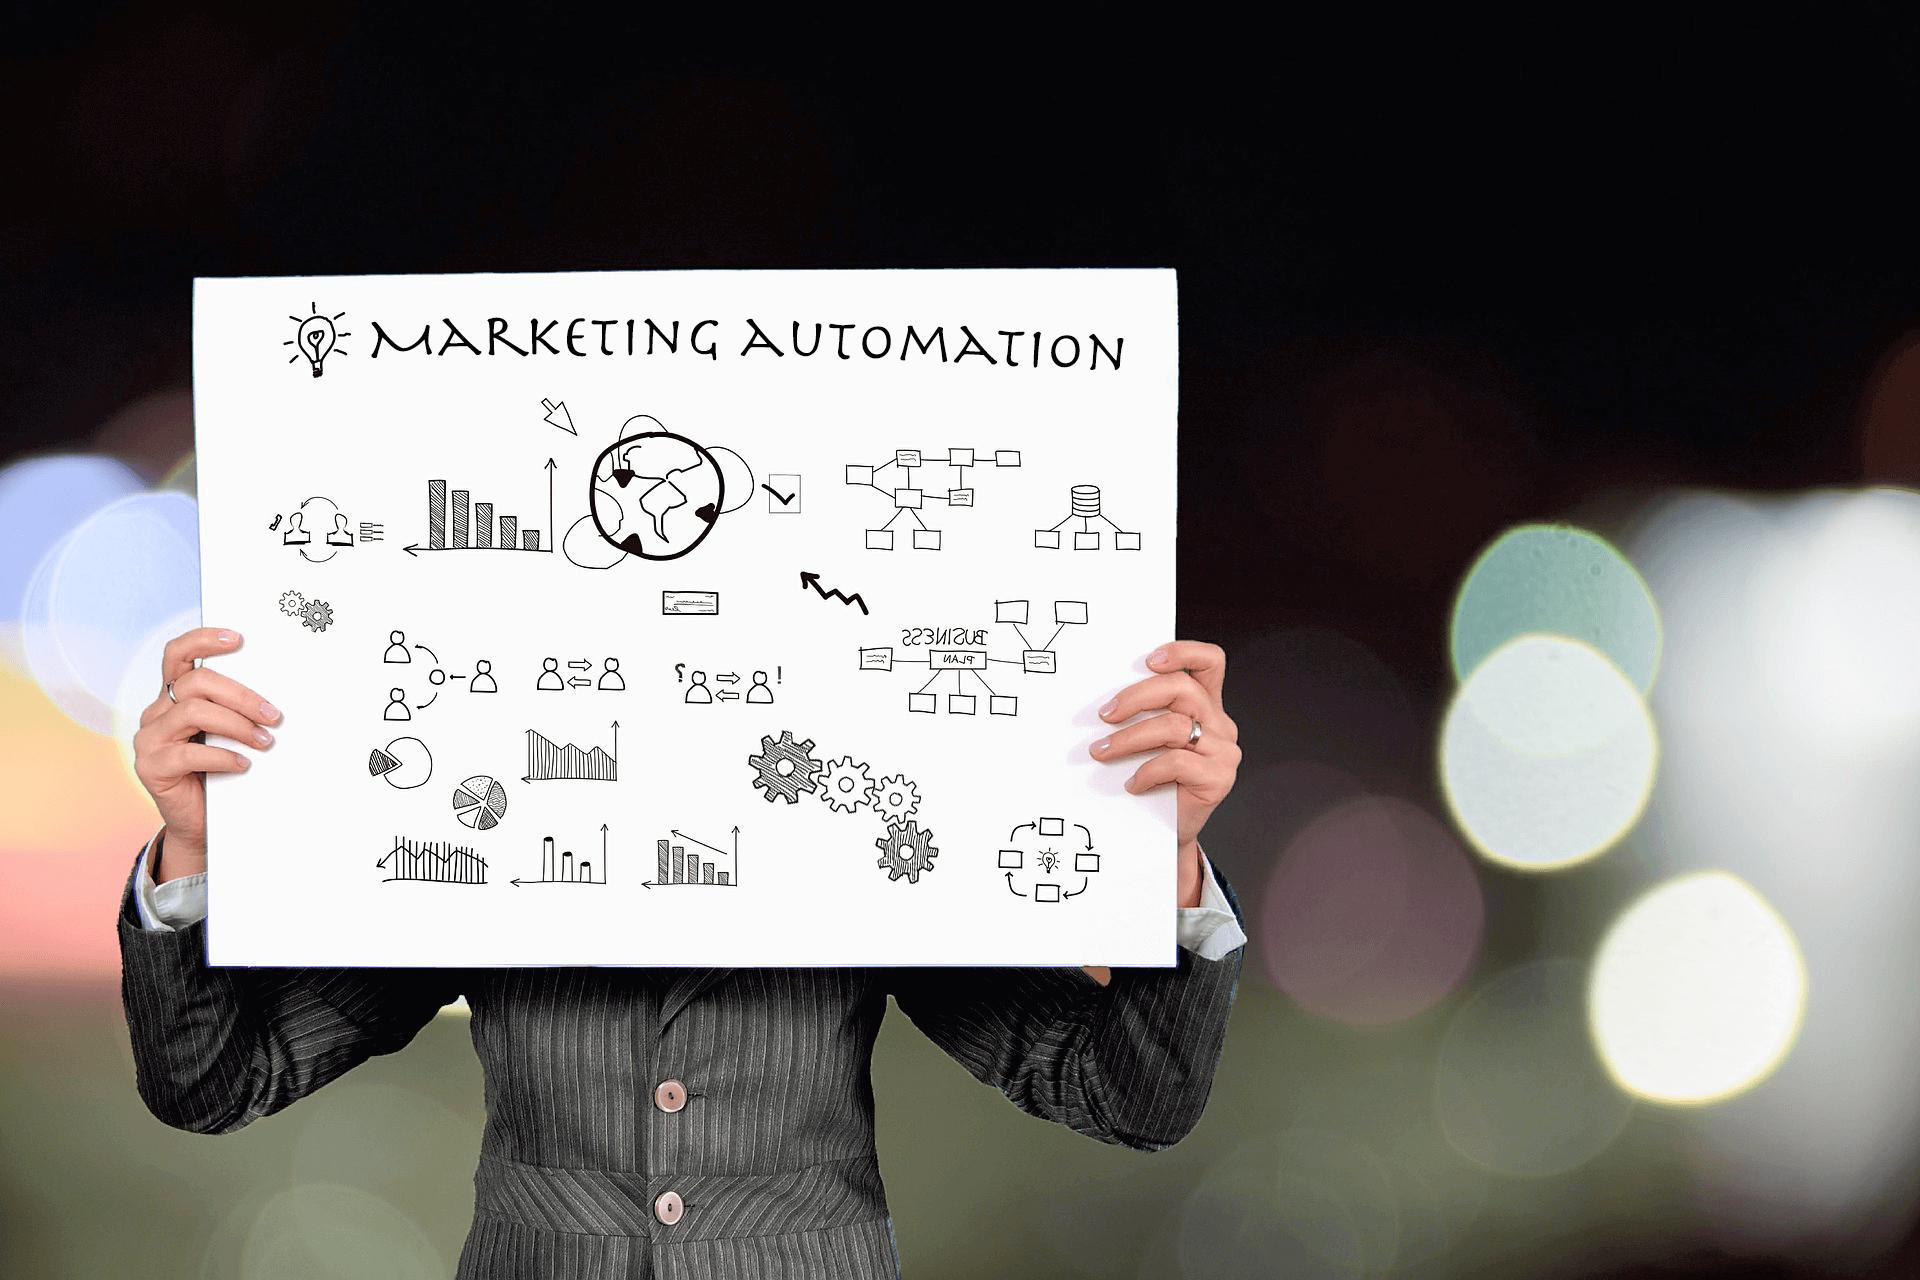 Les exemples d'e-mails dont vous avez besoin pour réussir votre marketing automation